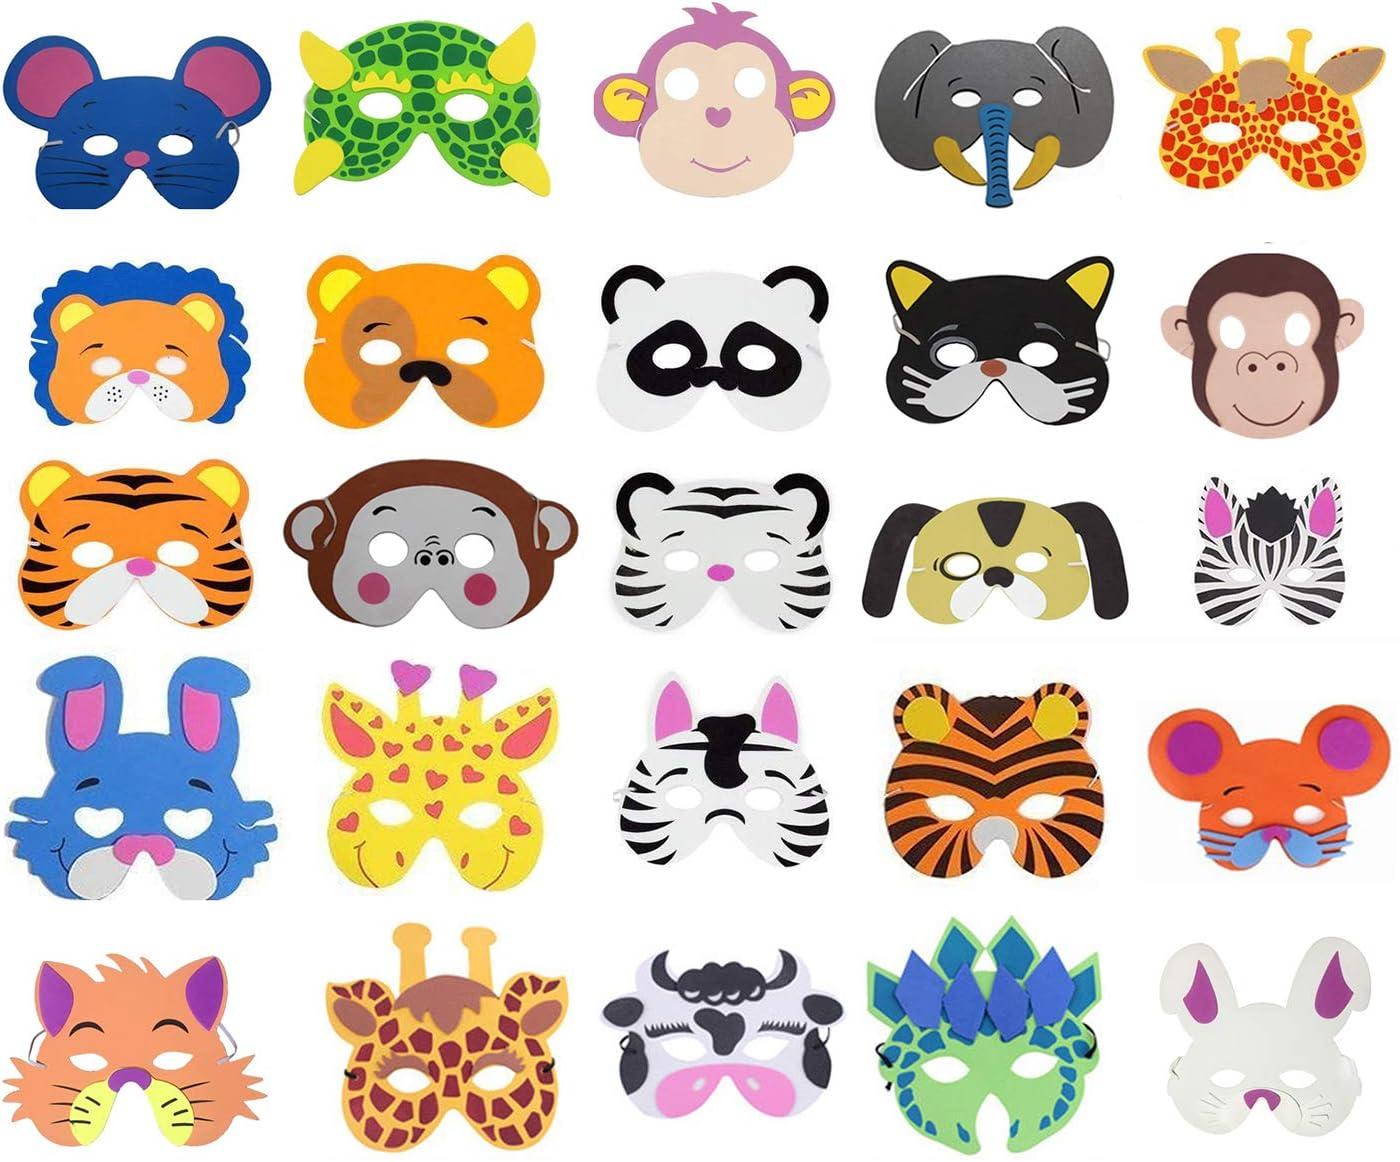 Cosoro - 25 máscaras de animales de espuma EVA para bolsas de fiesta, baile de máscaras, fiestas de cumpleaños, Navidad, Halloween